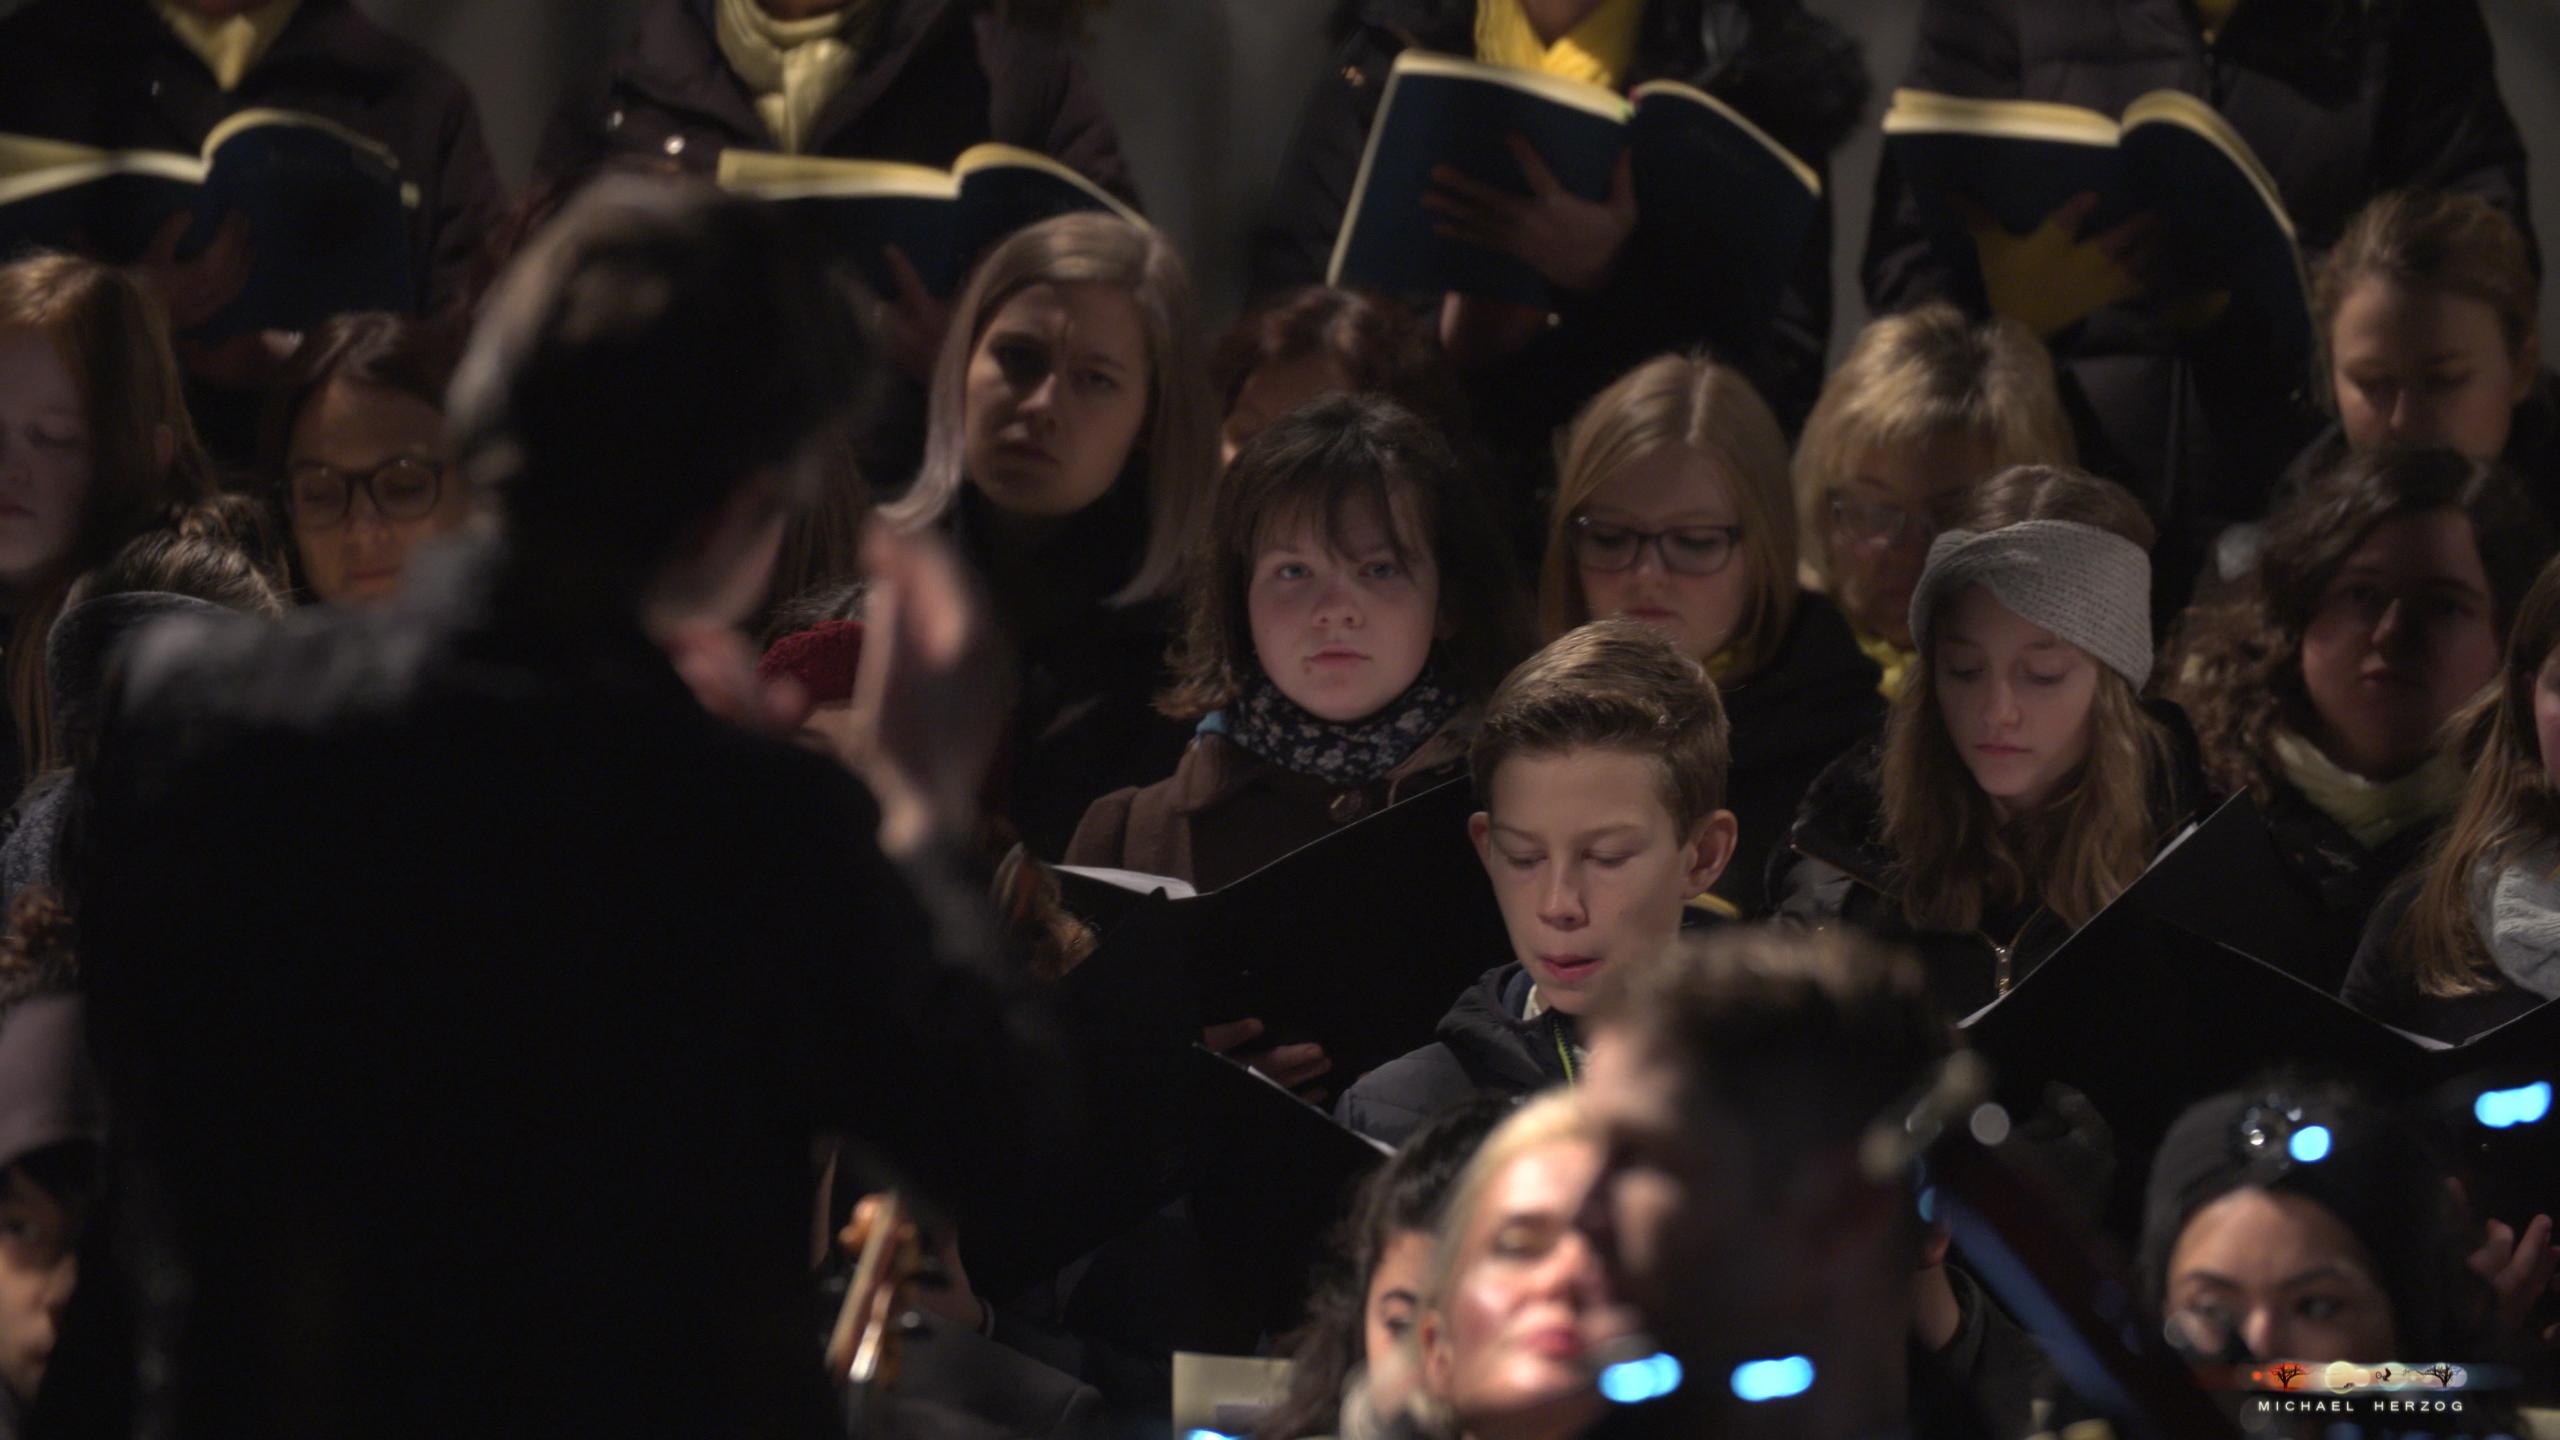 ArnsdorferSternstunden_Konzertabend1-mit-PhilharmonieSalzburg_Screenshot_MichaelHerzog-06.jpg